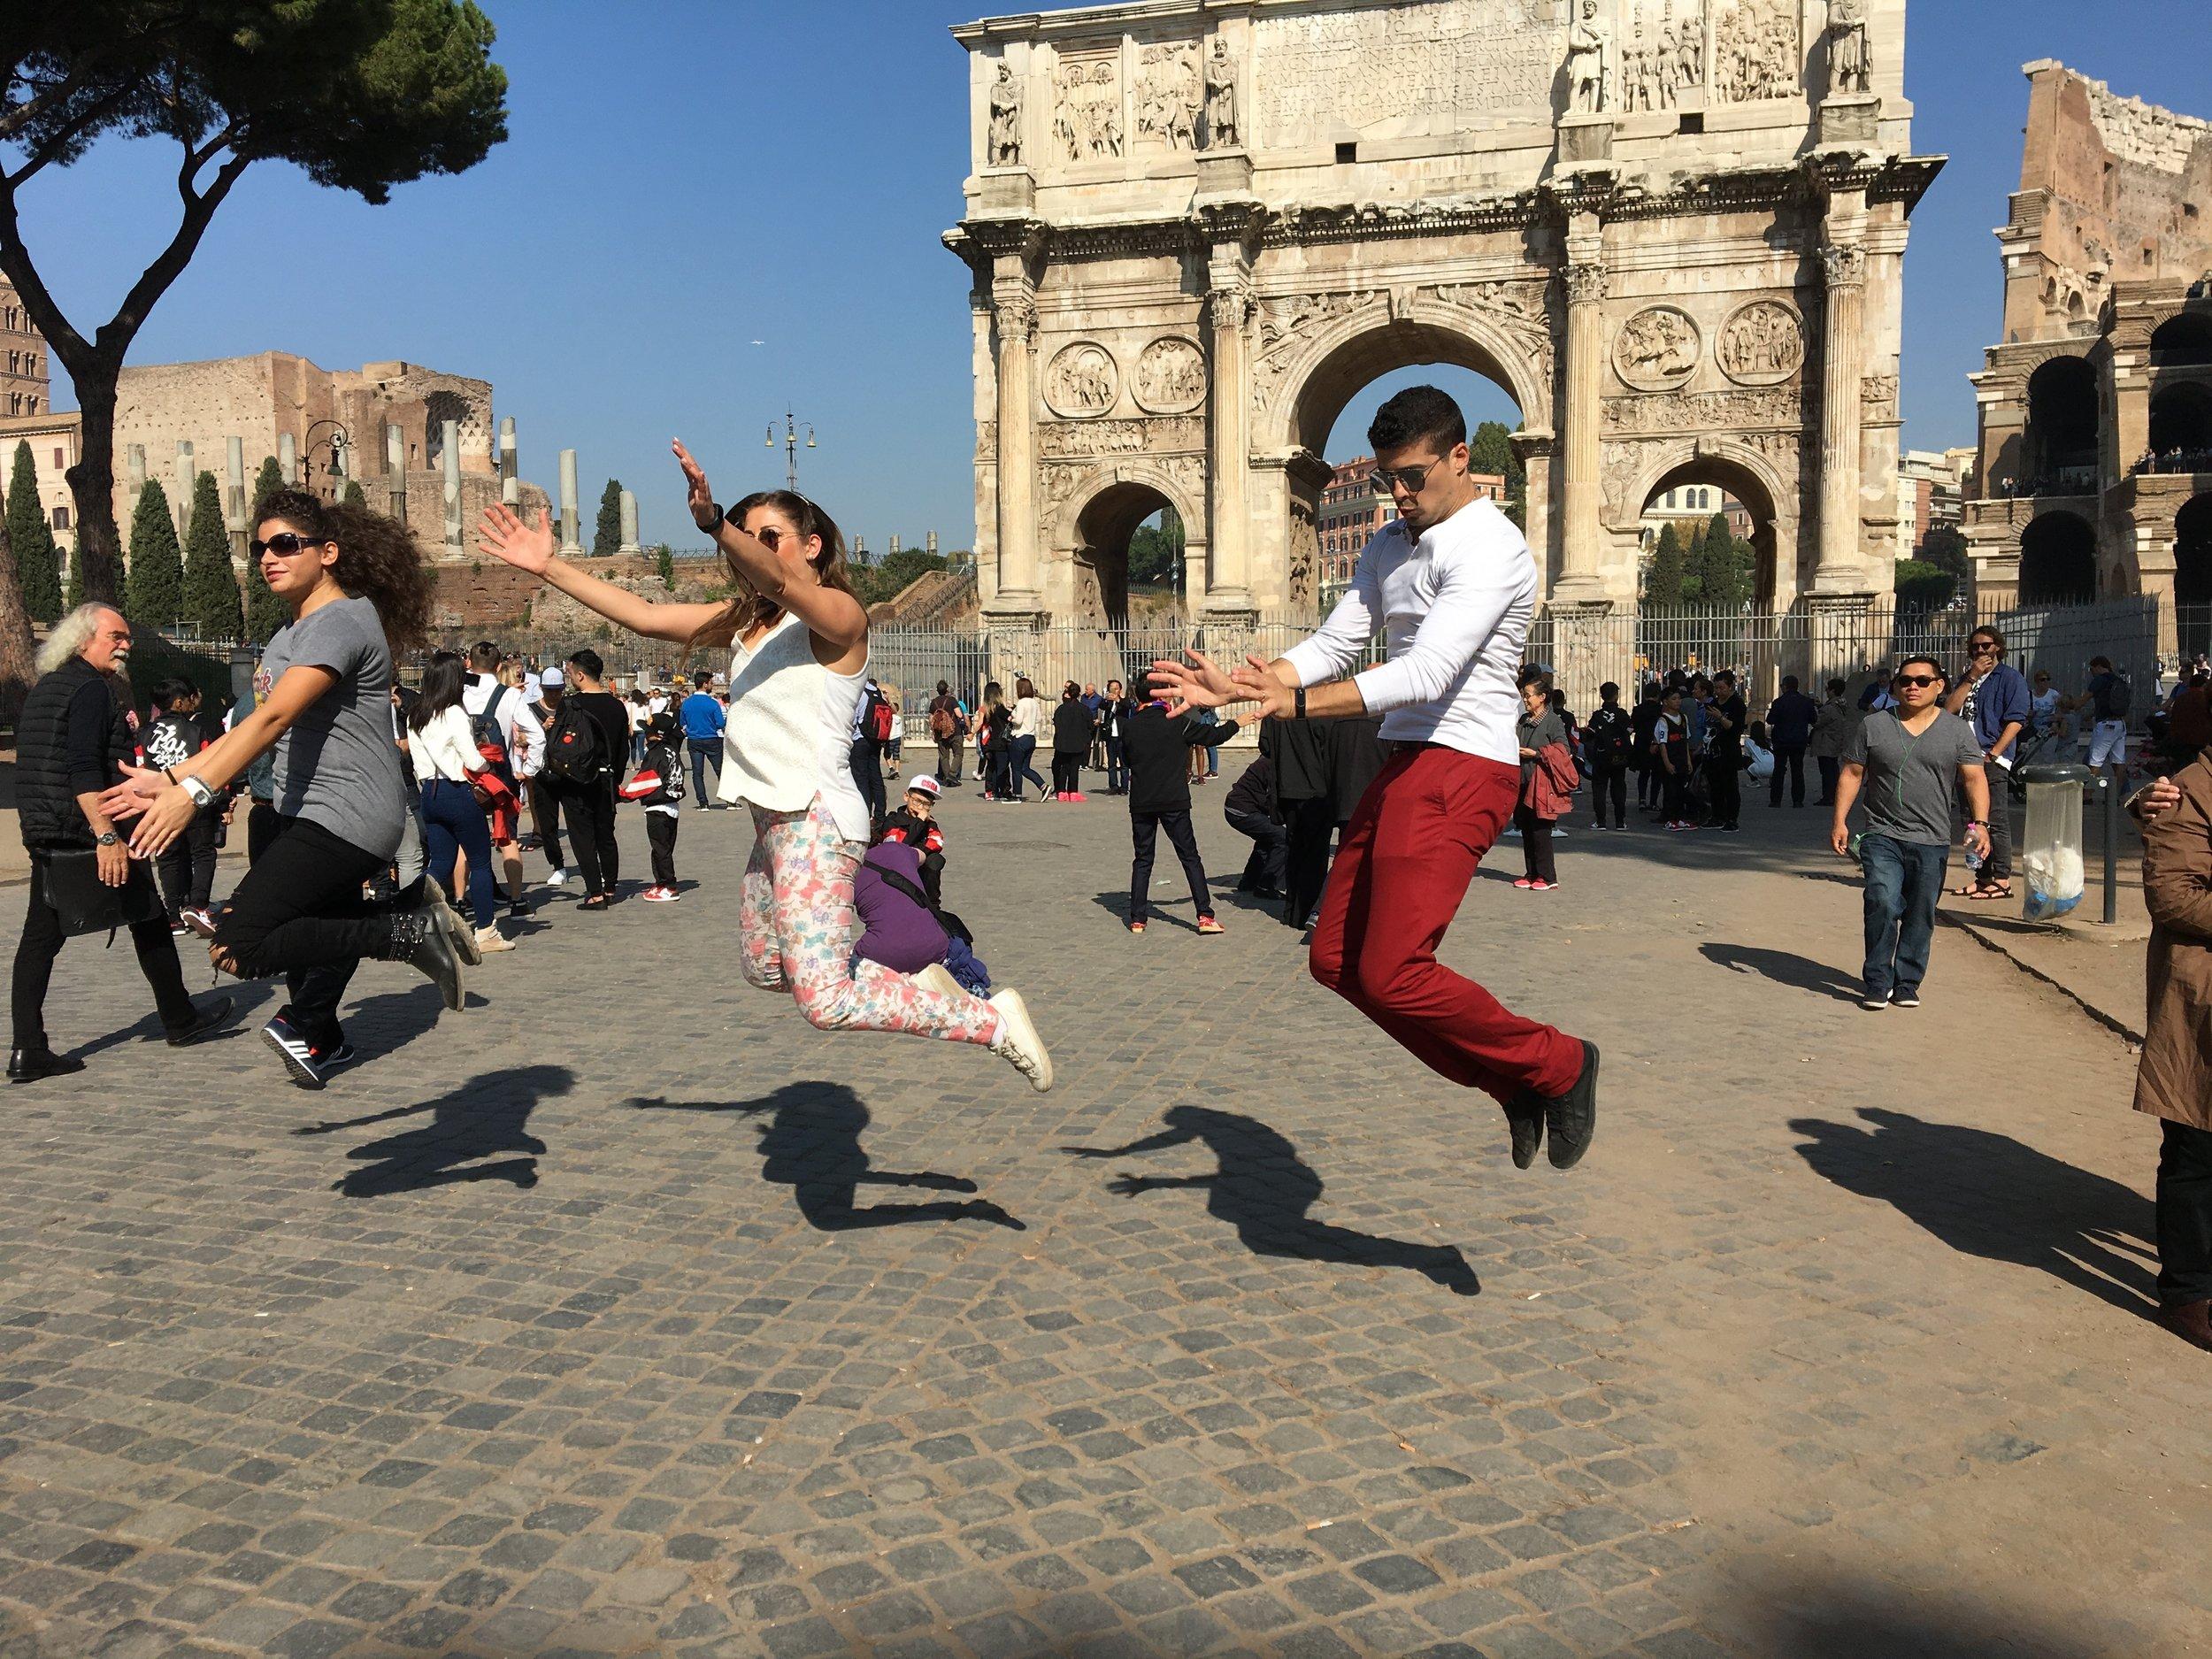 Piazza del Colosseo, Rome